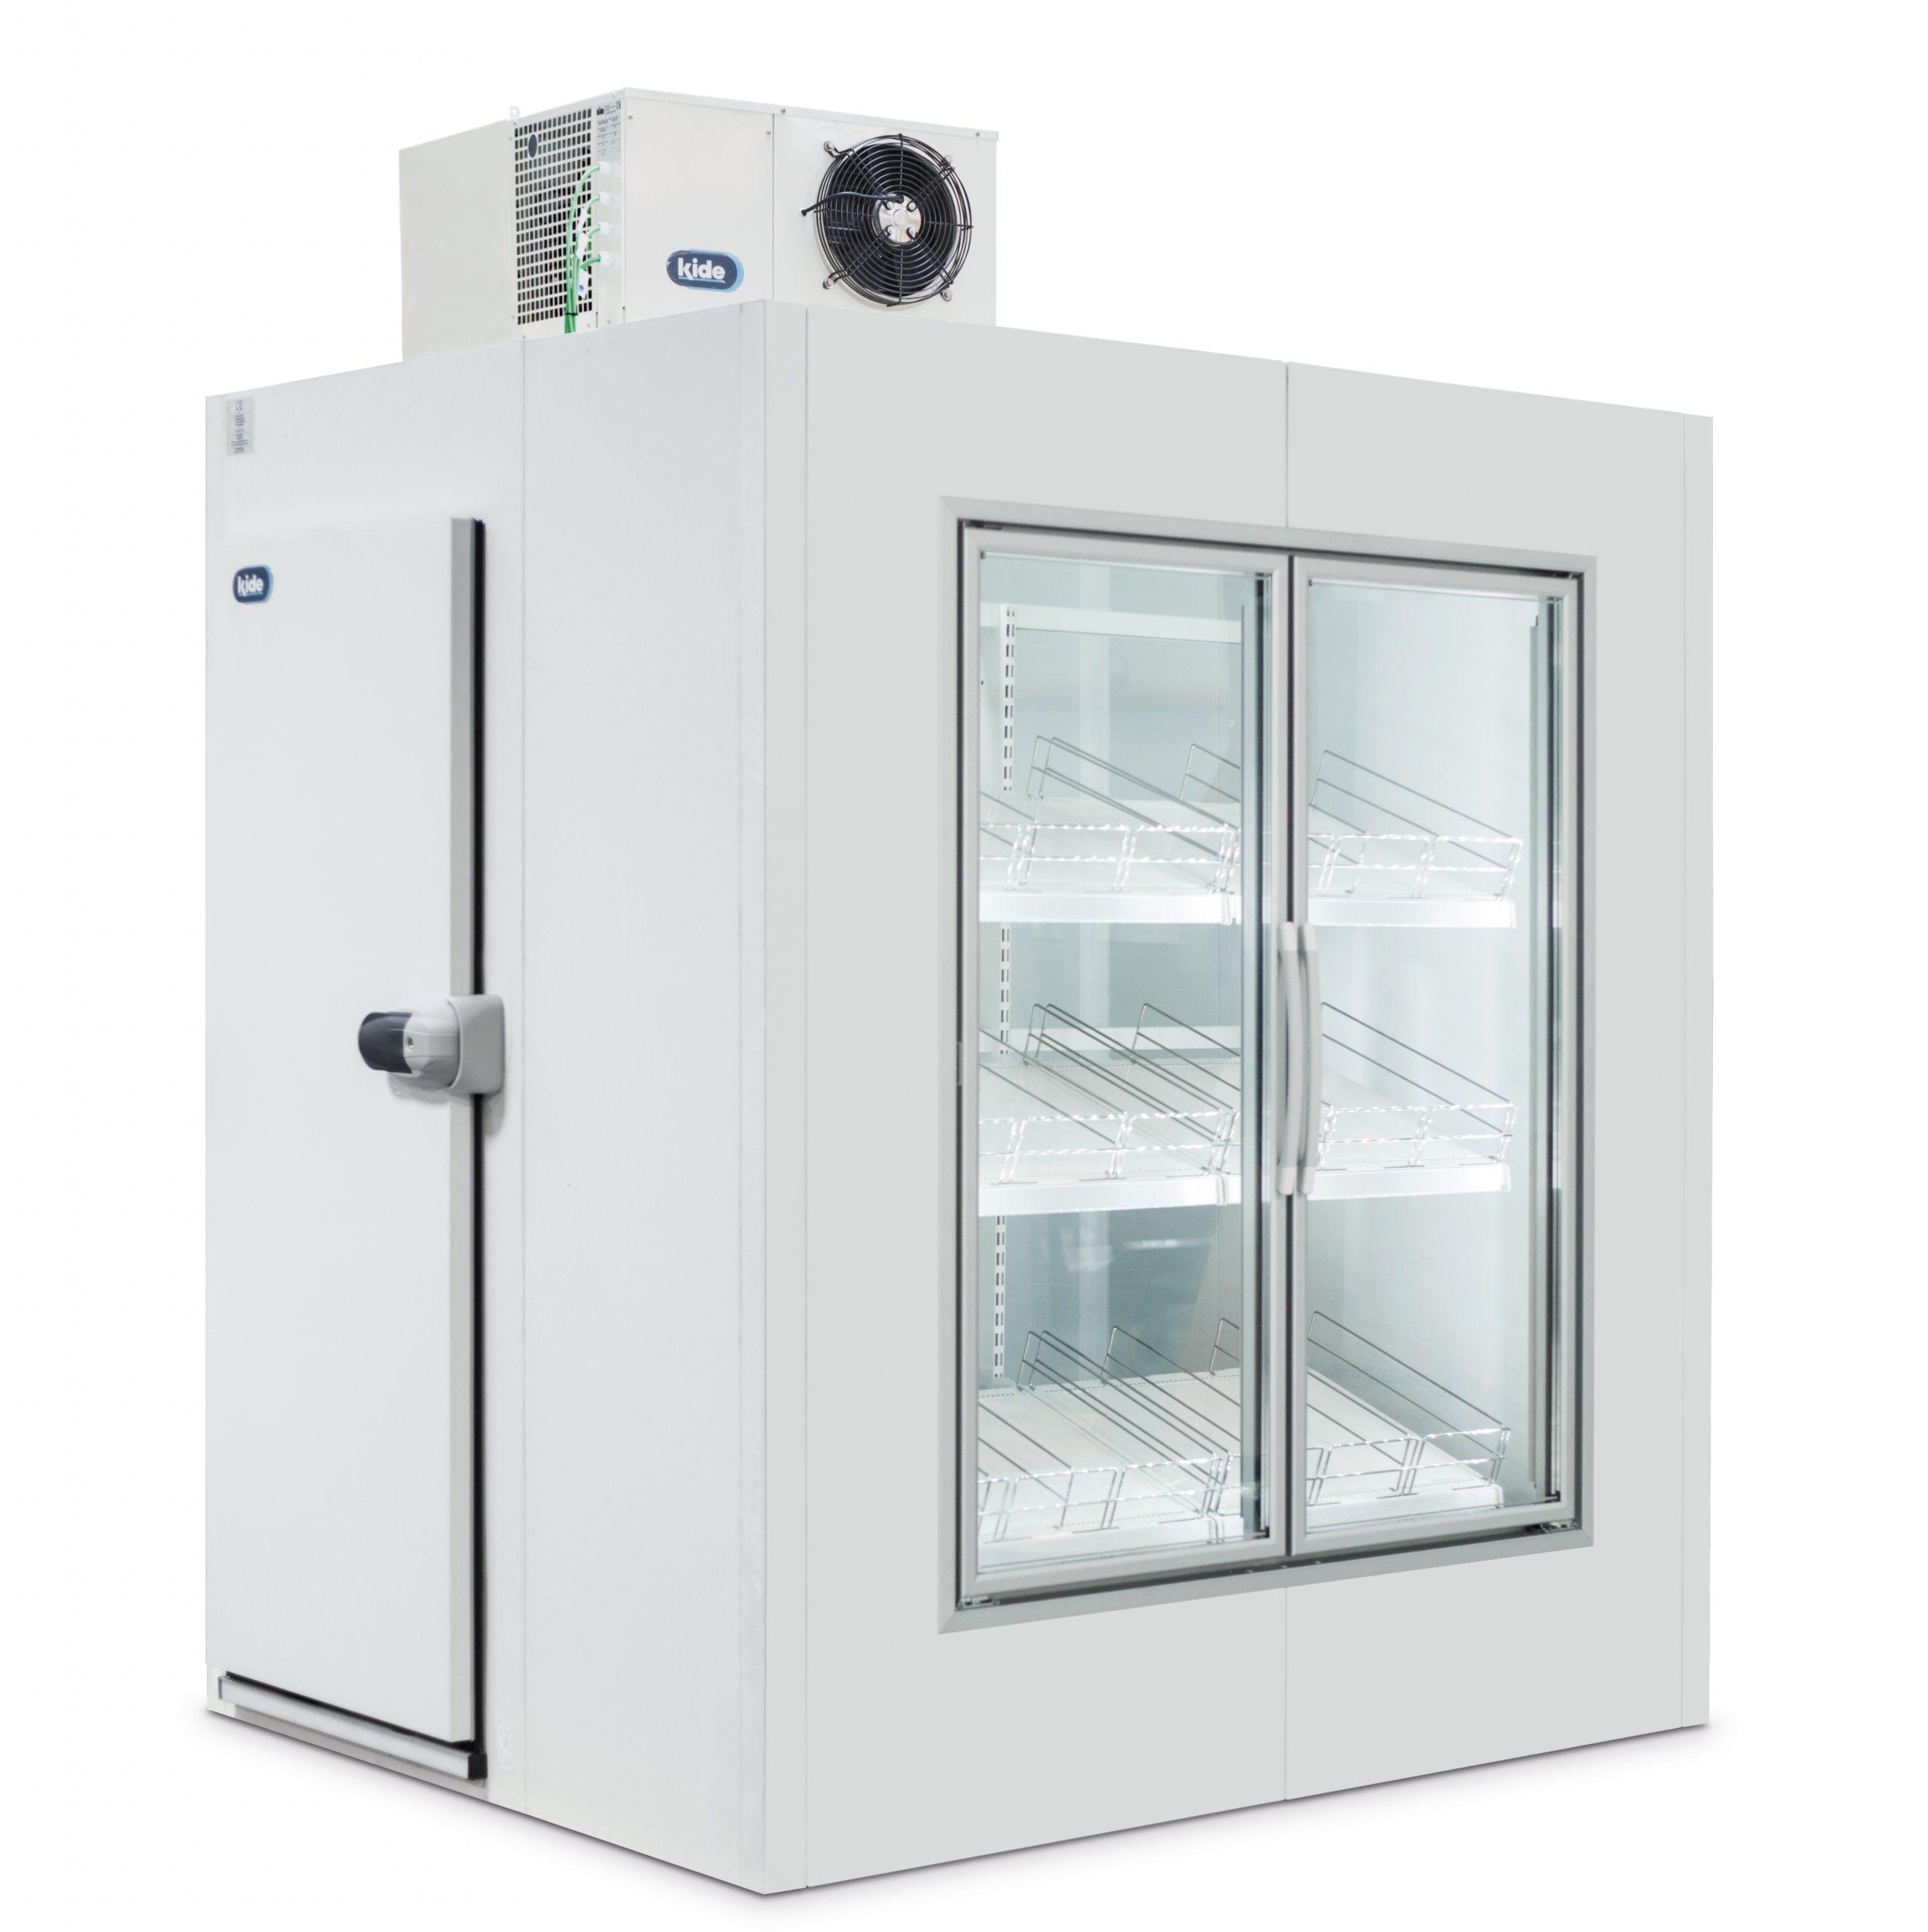 kølerum med glas dør